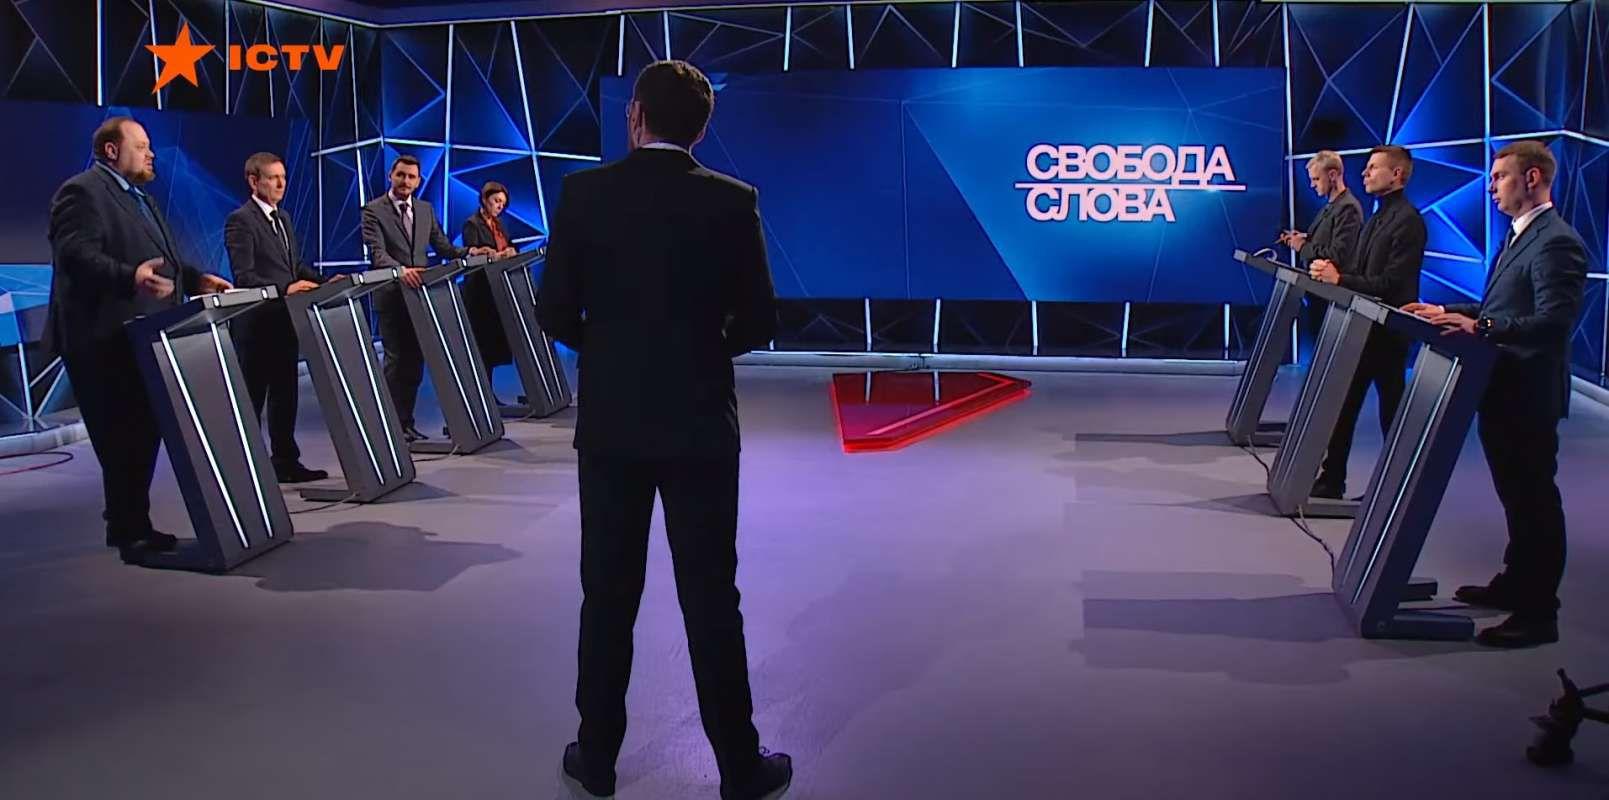 Руслан Стефанчук: необходимо повысить качество законодательства...